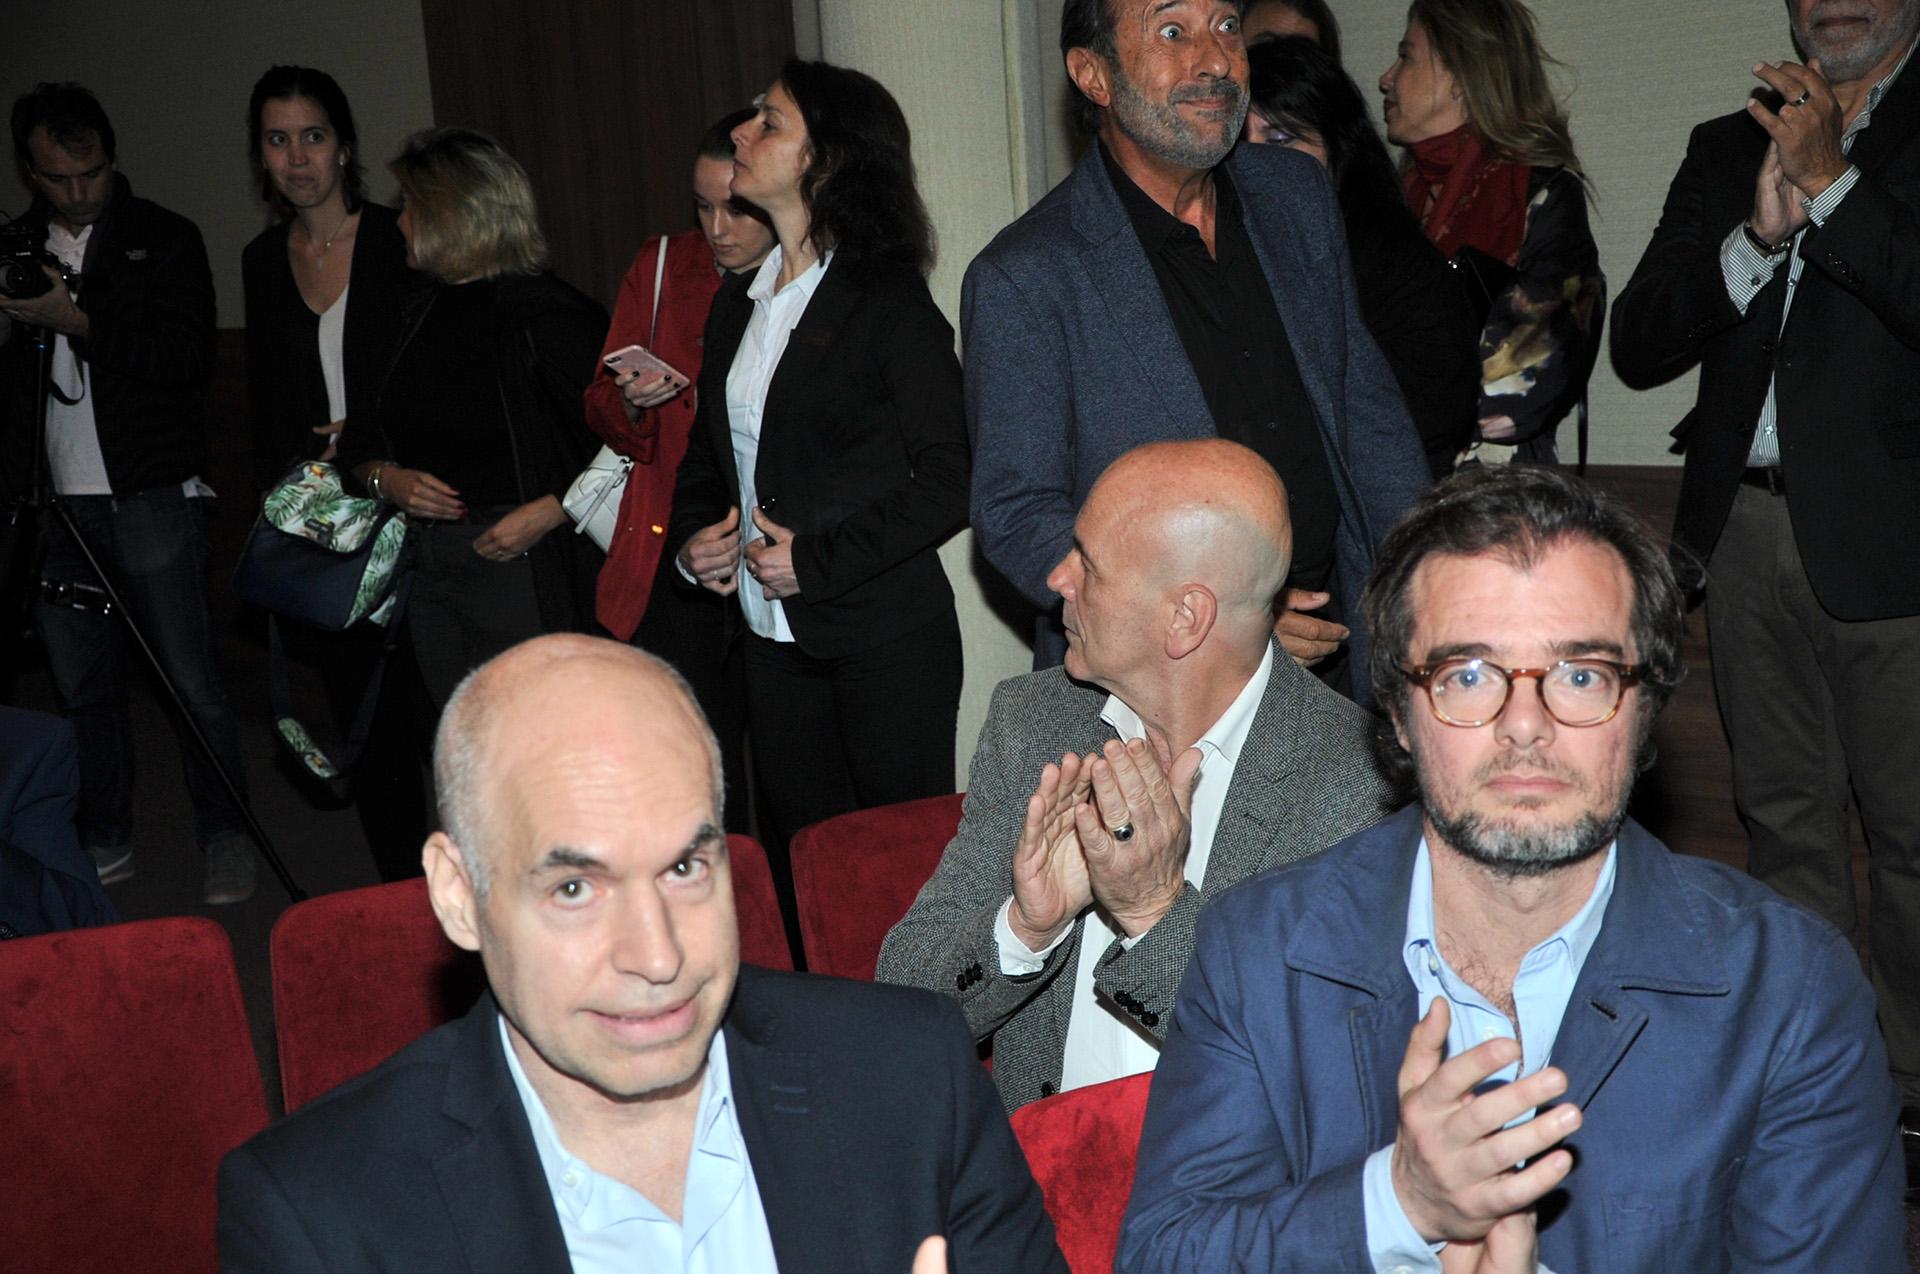 El jefe de Gobierno porteño, Horacio Rodríguez Larreta, junto a Enrique Avogadro, ministro de Cultura de la Ciudad